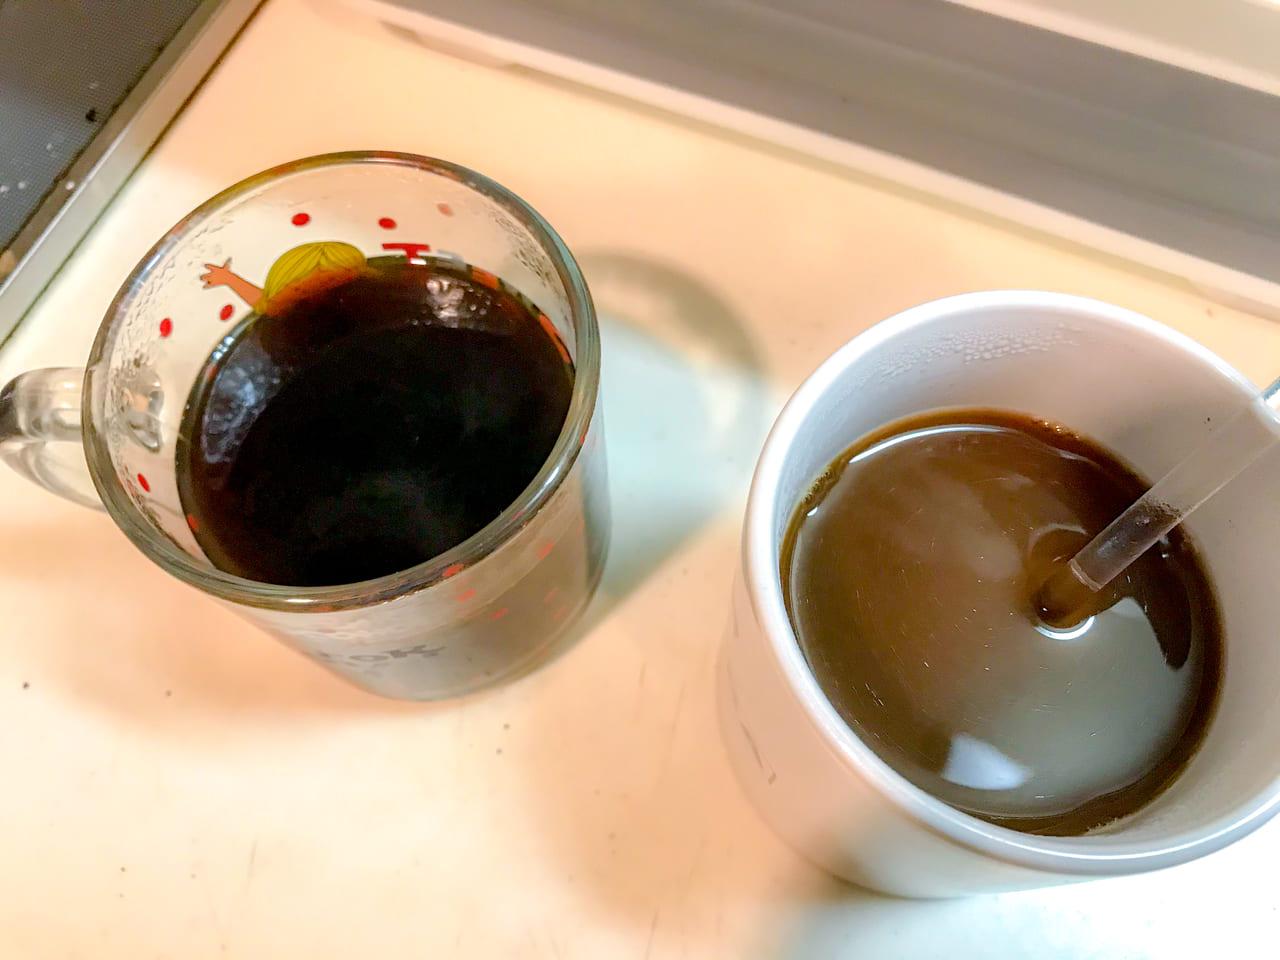 /チョコレートの方は中々溶けないのでよくかき混ぜる